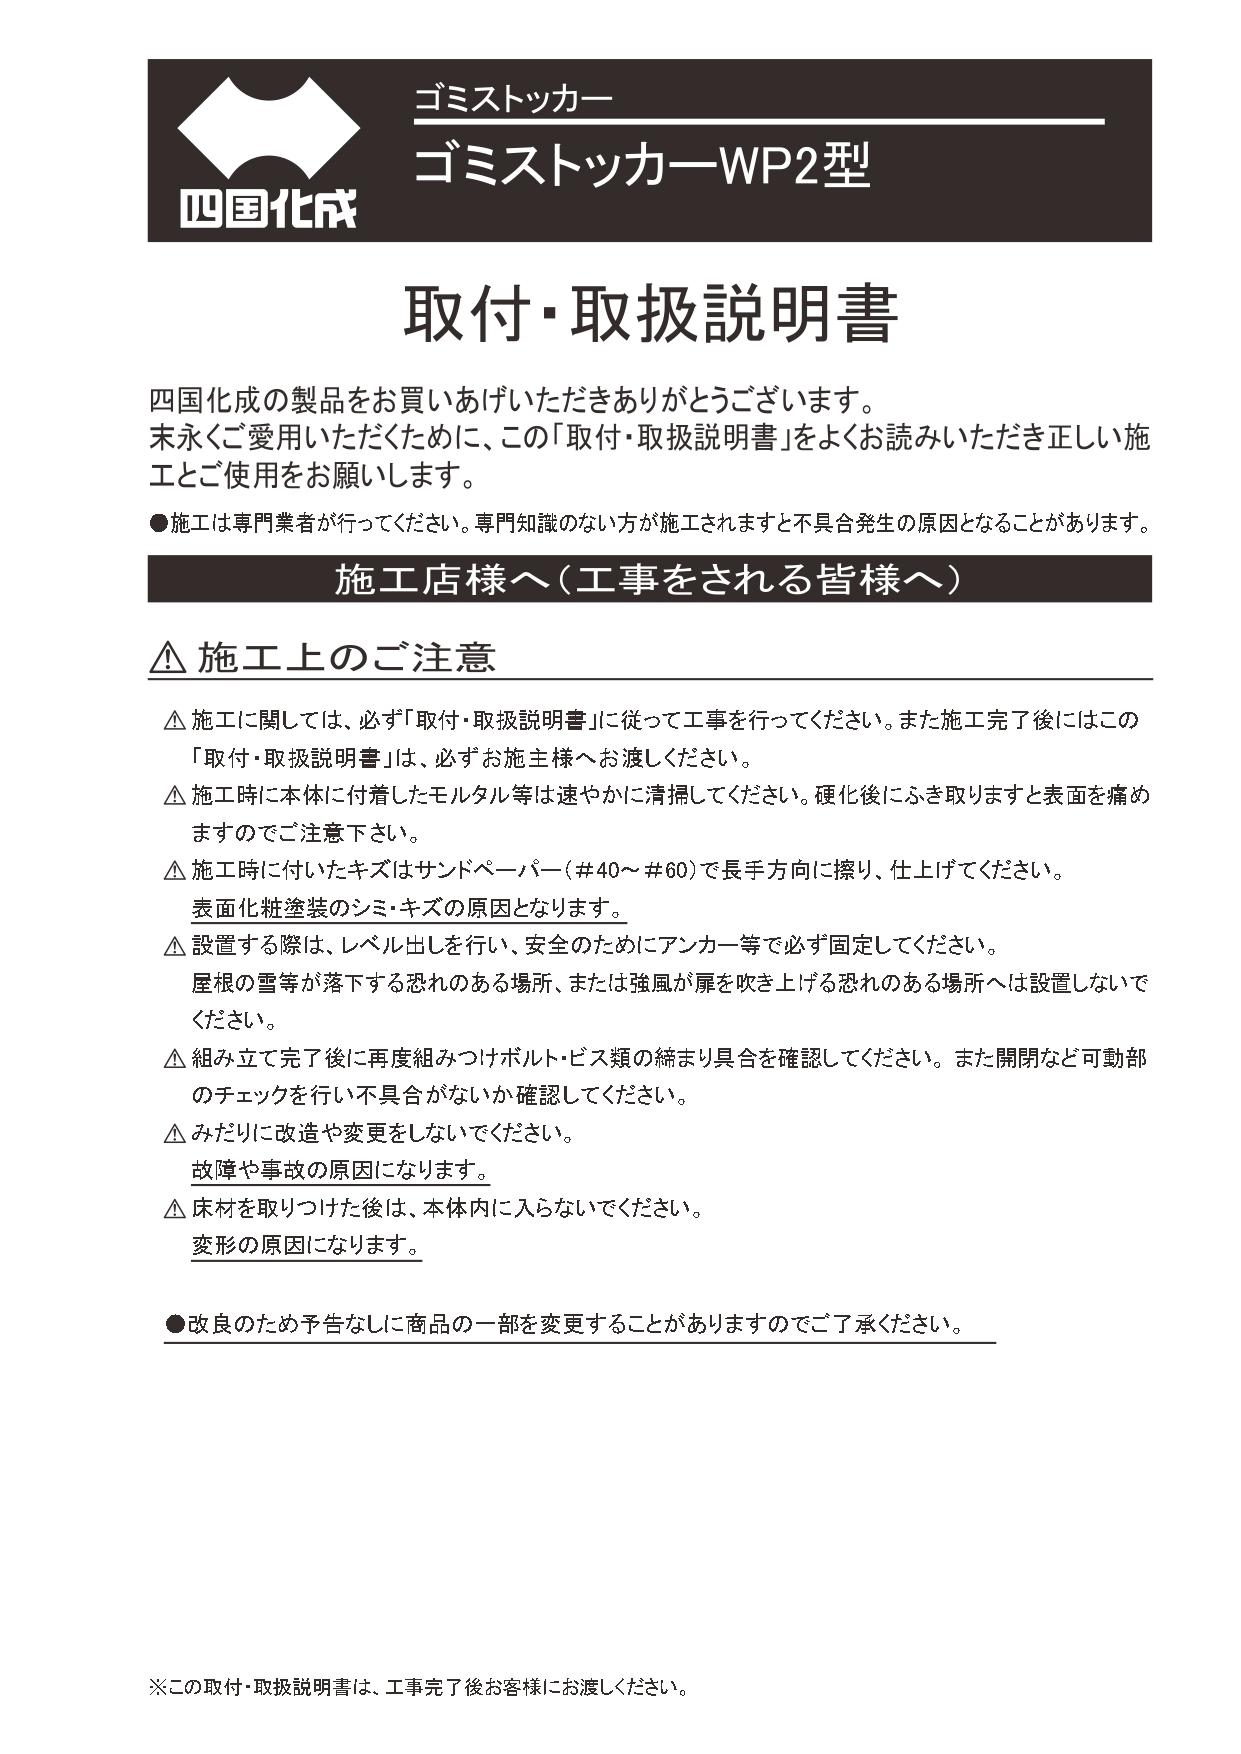 ゴミストッカーWP2型 施工説明書_page-0001